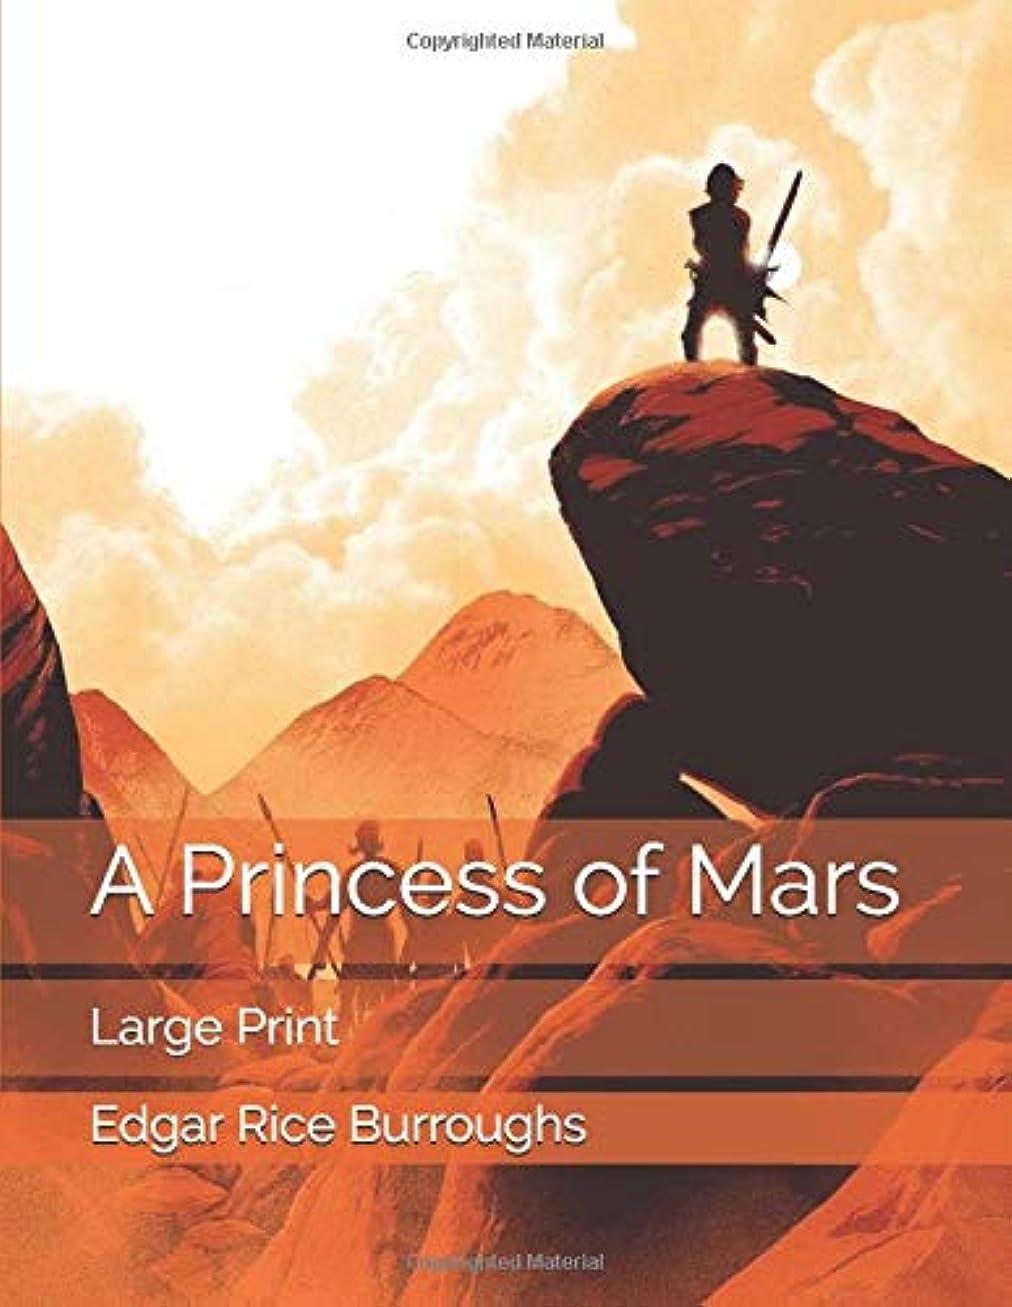 アシュリータファーマンコンパイルアンタゴニストA Princess of Mars: Large Print